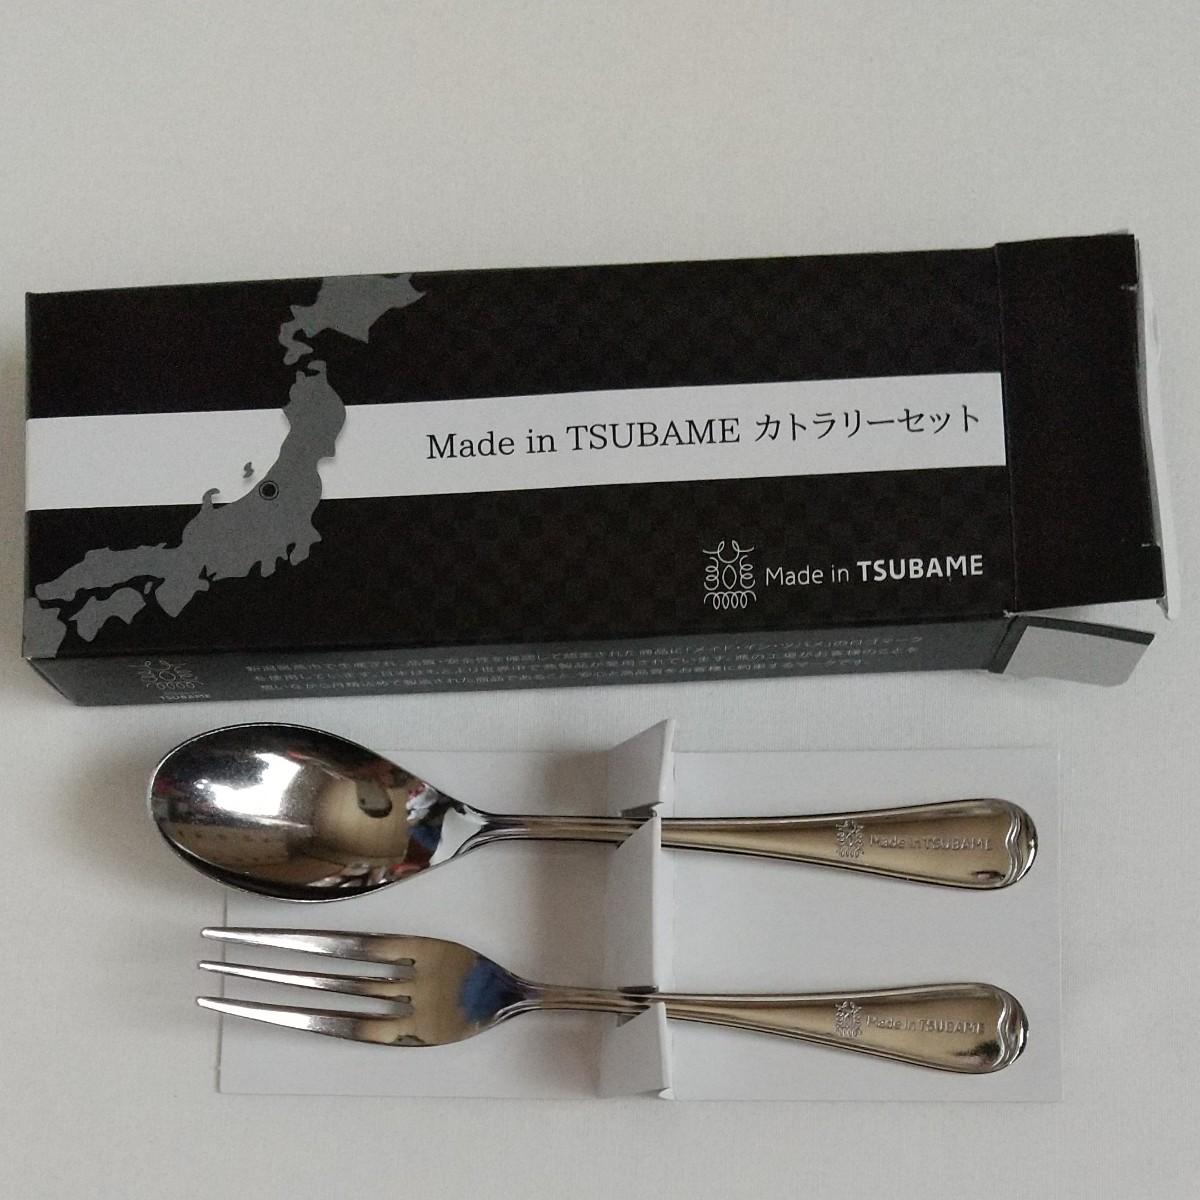 メイド・イン・ツバメ Made in TSUBAME カトラリーセット